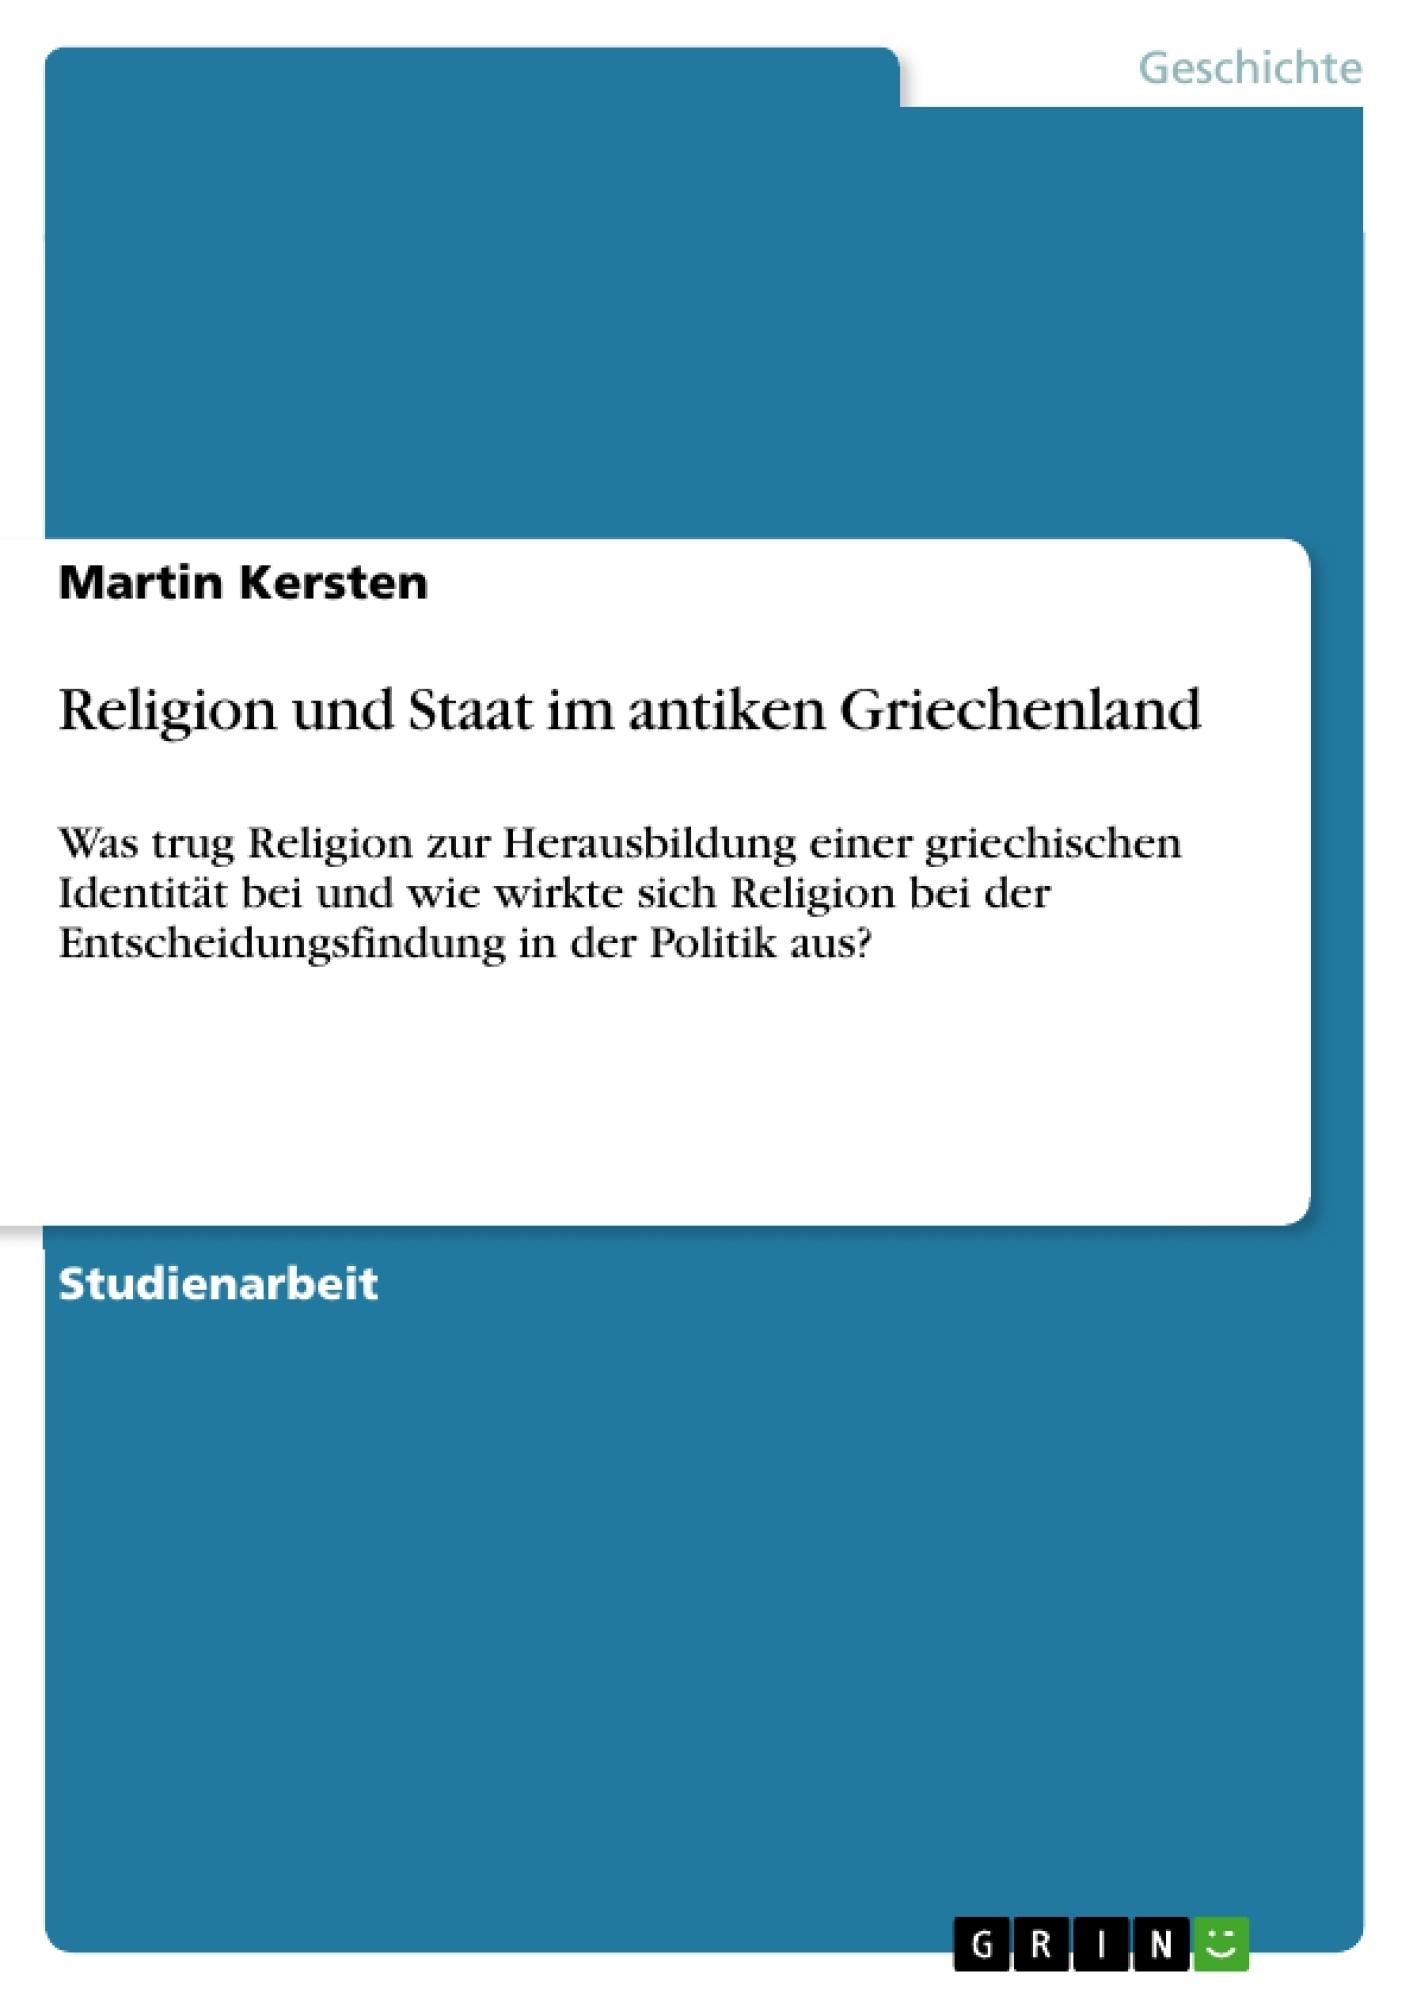 Titel: Religion und Staat im antiken Griechenland